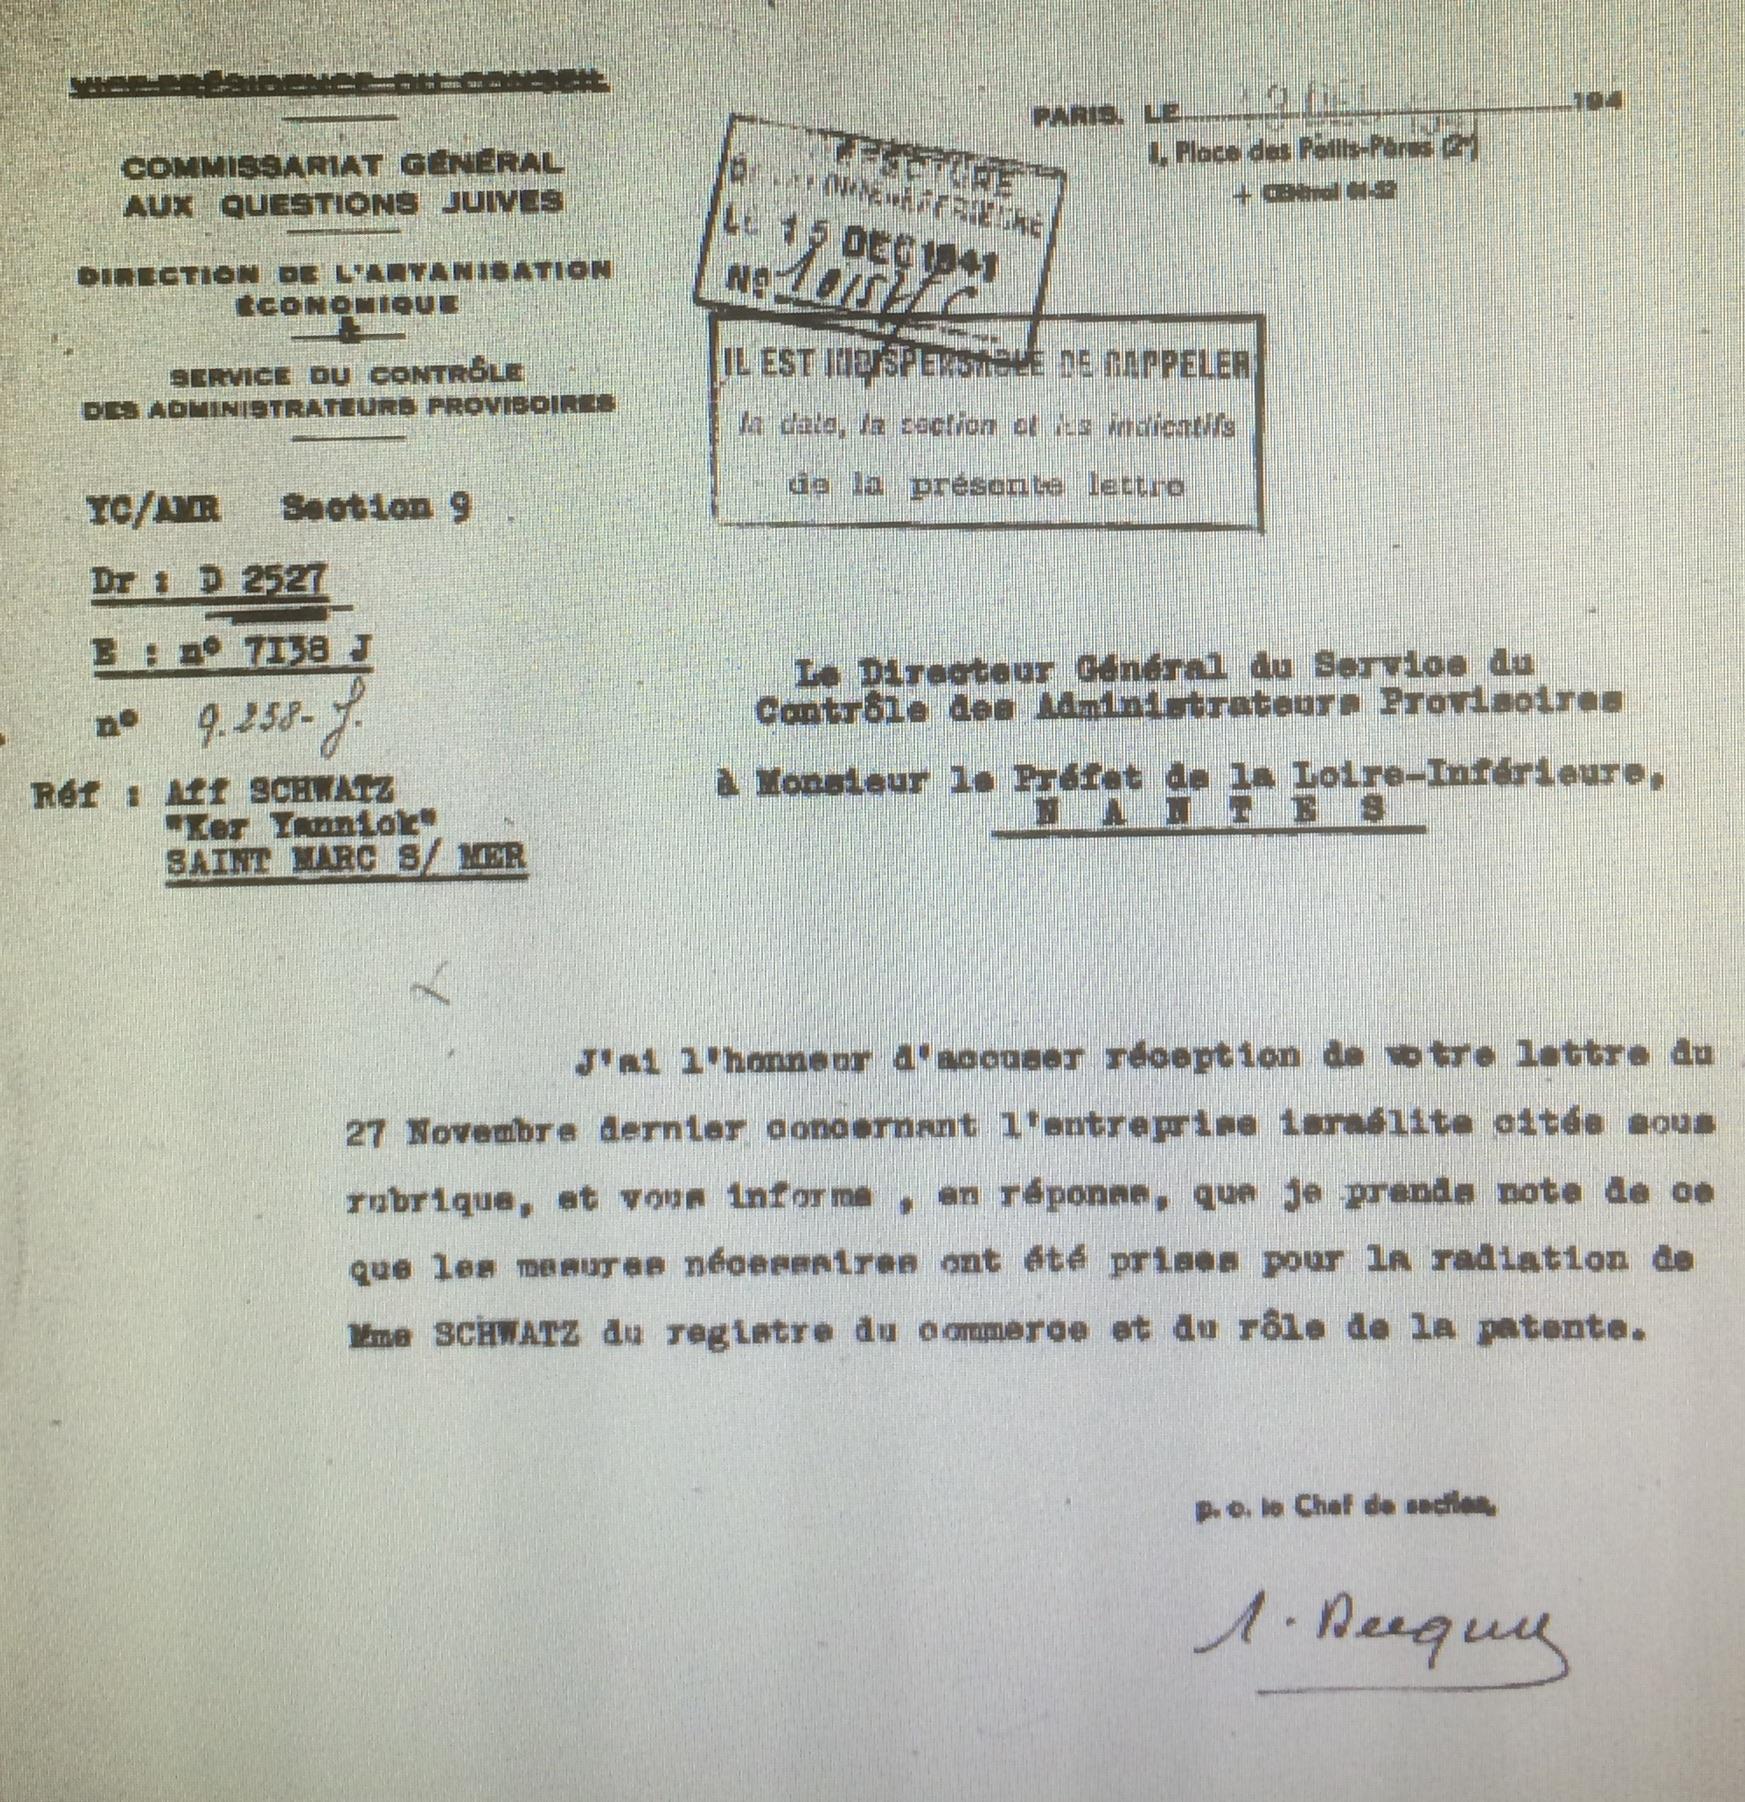 Lettre du Service de Contrôle des Administrateurs Provisoires à la Préfecture de Nantes du 13 décembre 1941 [AN AJ/38/4598 dossier n°2527]